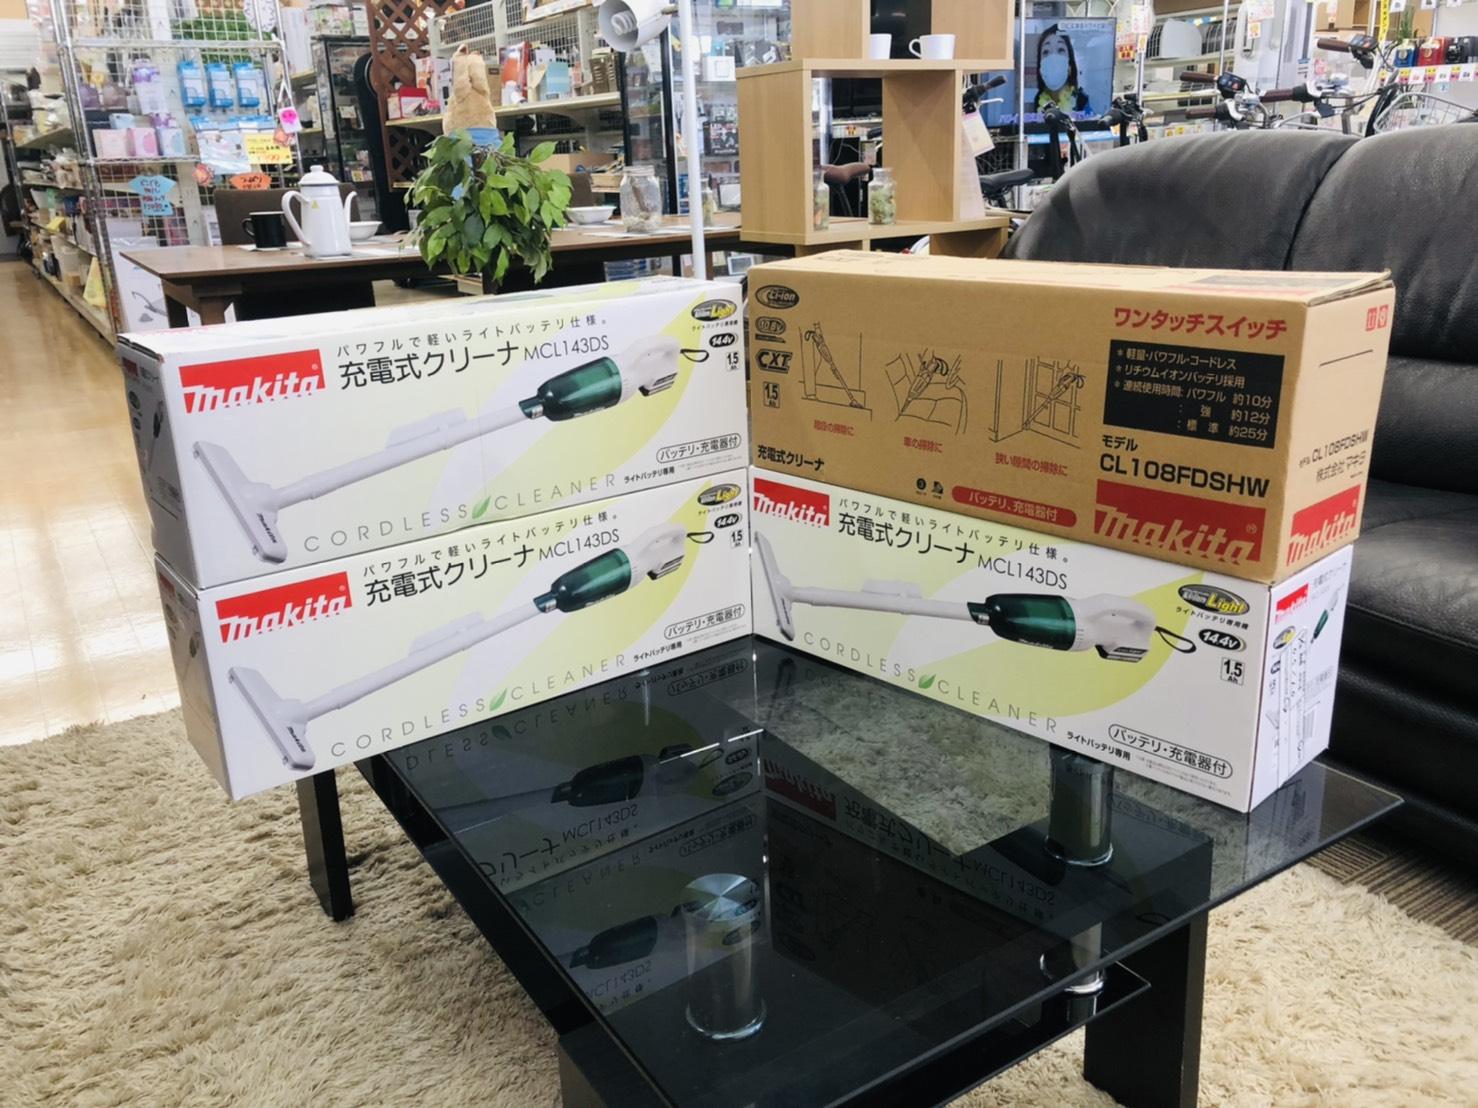 【⭐️新品未使用⭐️makita/マキタ サイクロン パワフル吸引 掃除機 バッテリ切れお知らせ機能付 高輝度LEDライト MCL143DS CL 108FDSHW 】お買取りしました。の買取-